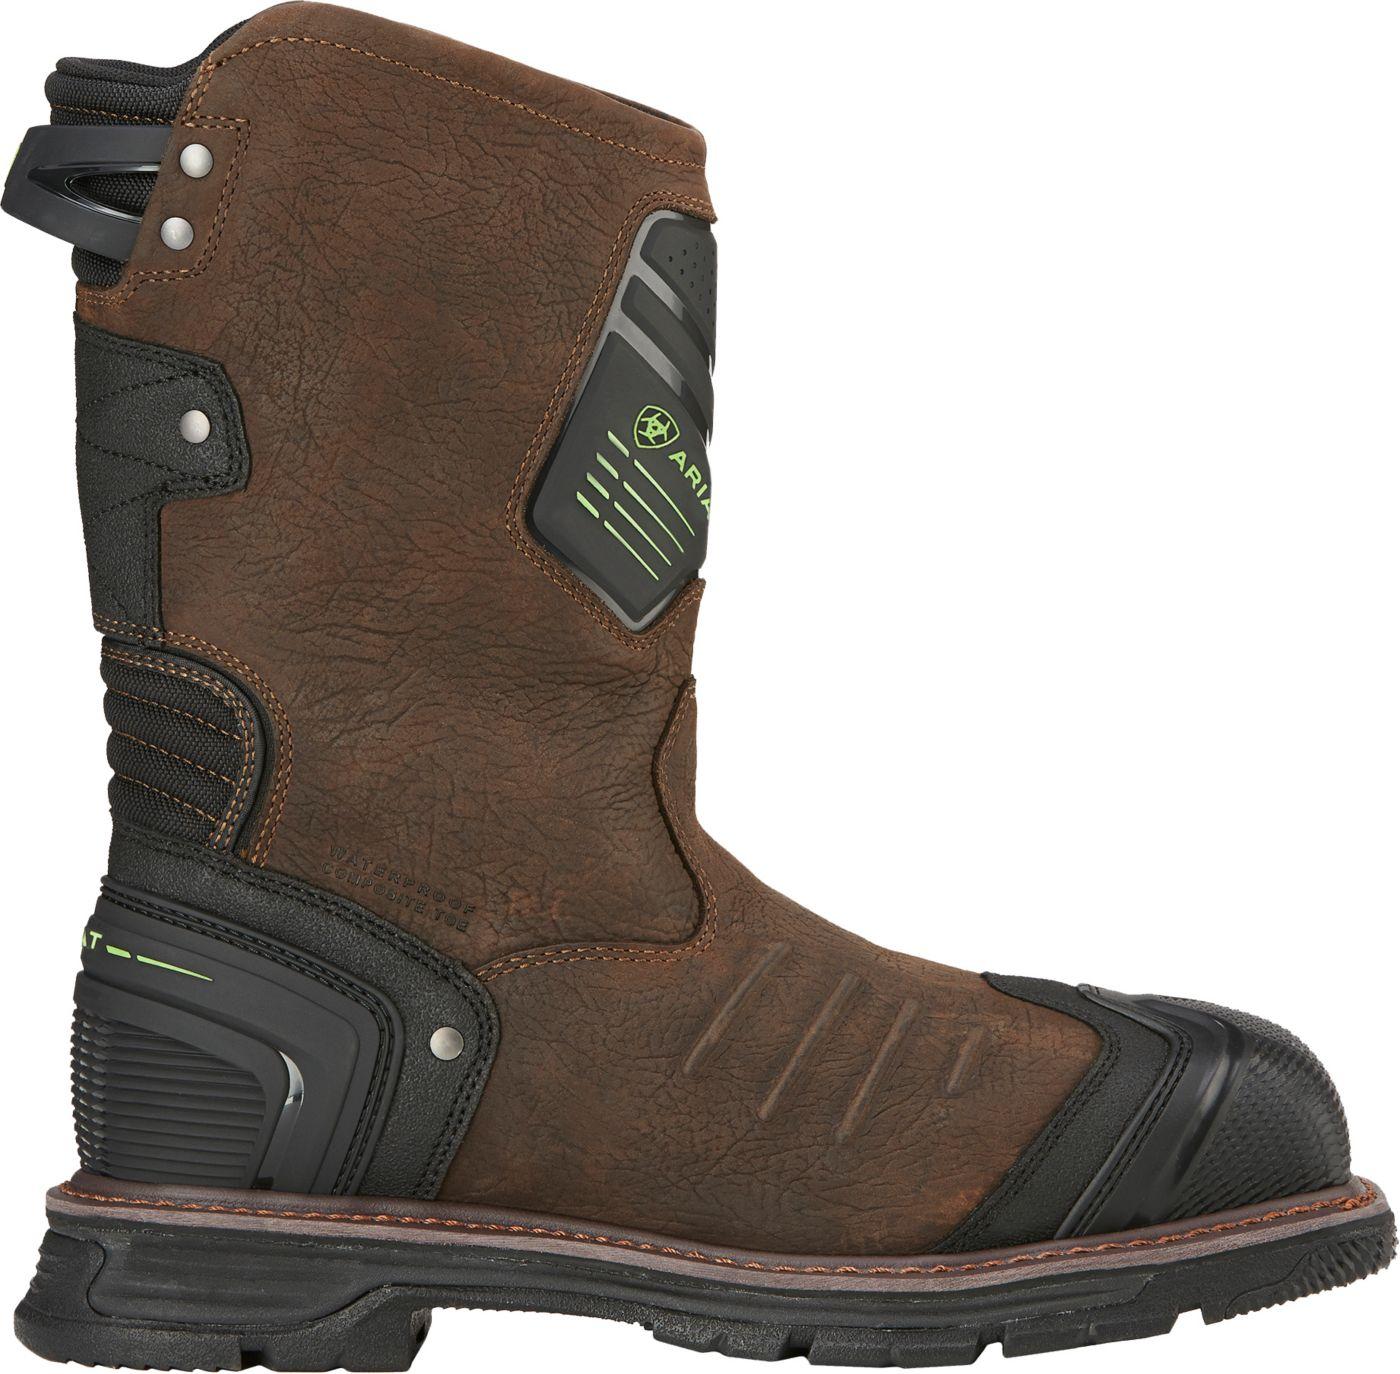 Ariat Men's Catalyst Vx H2O Waterproof Composite Toe Work Boots